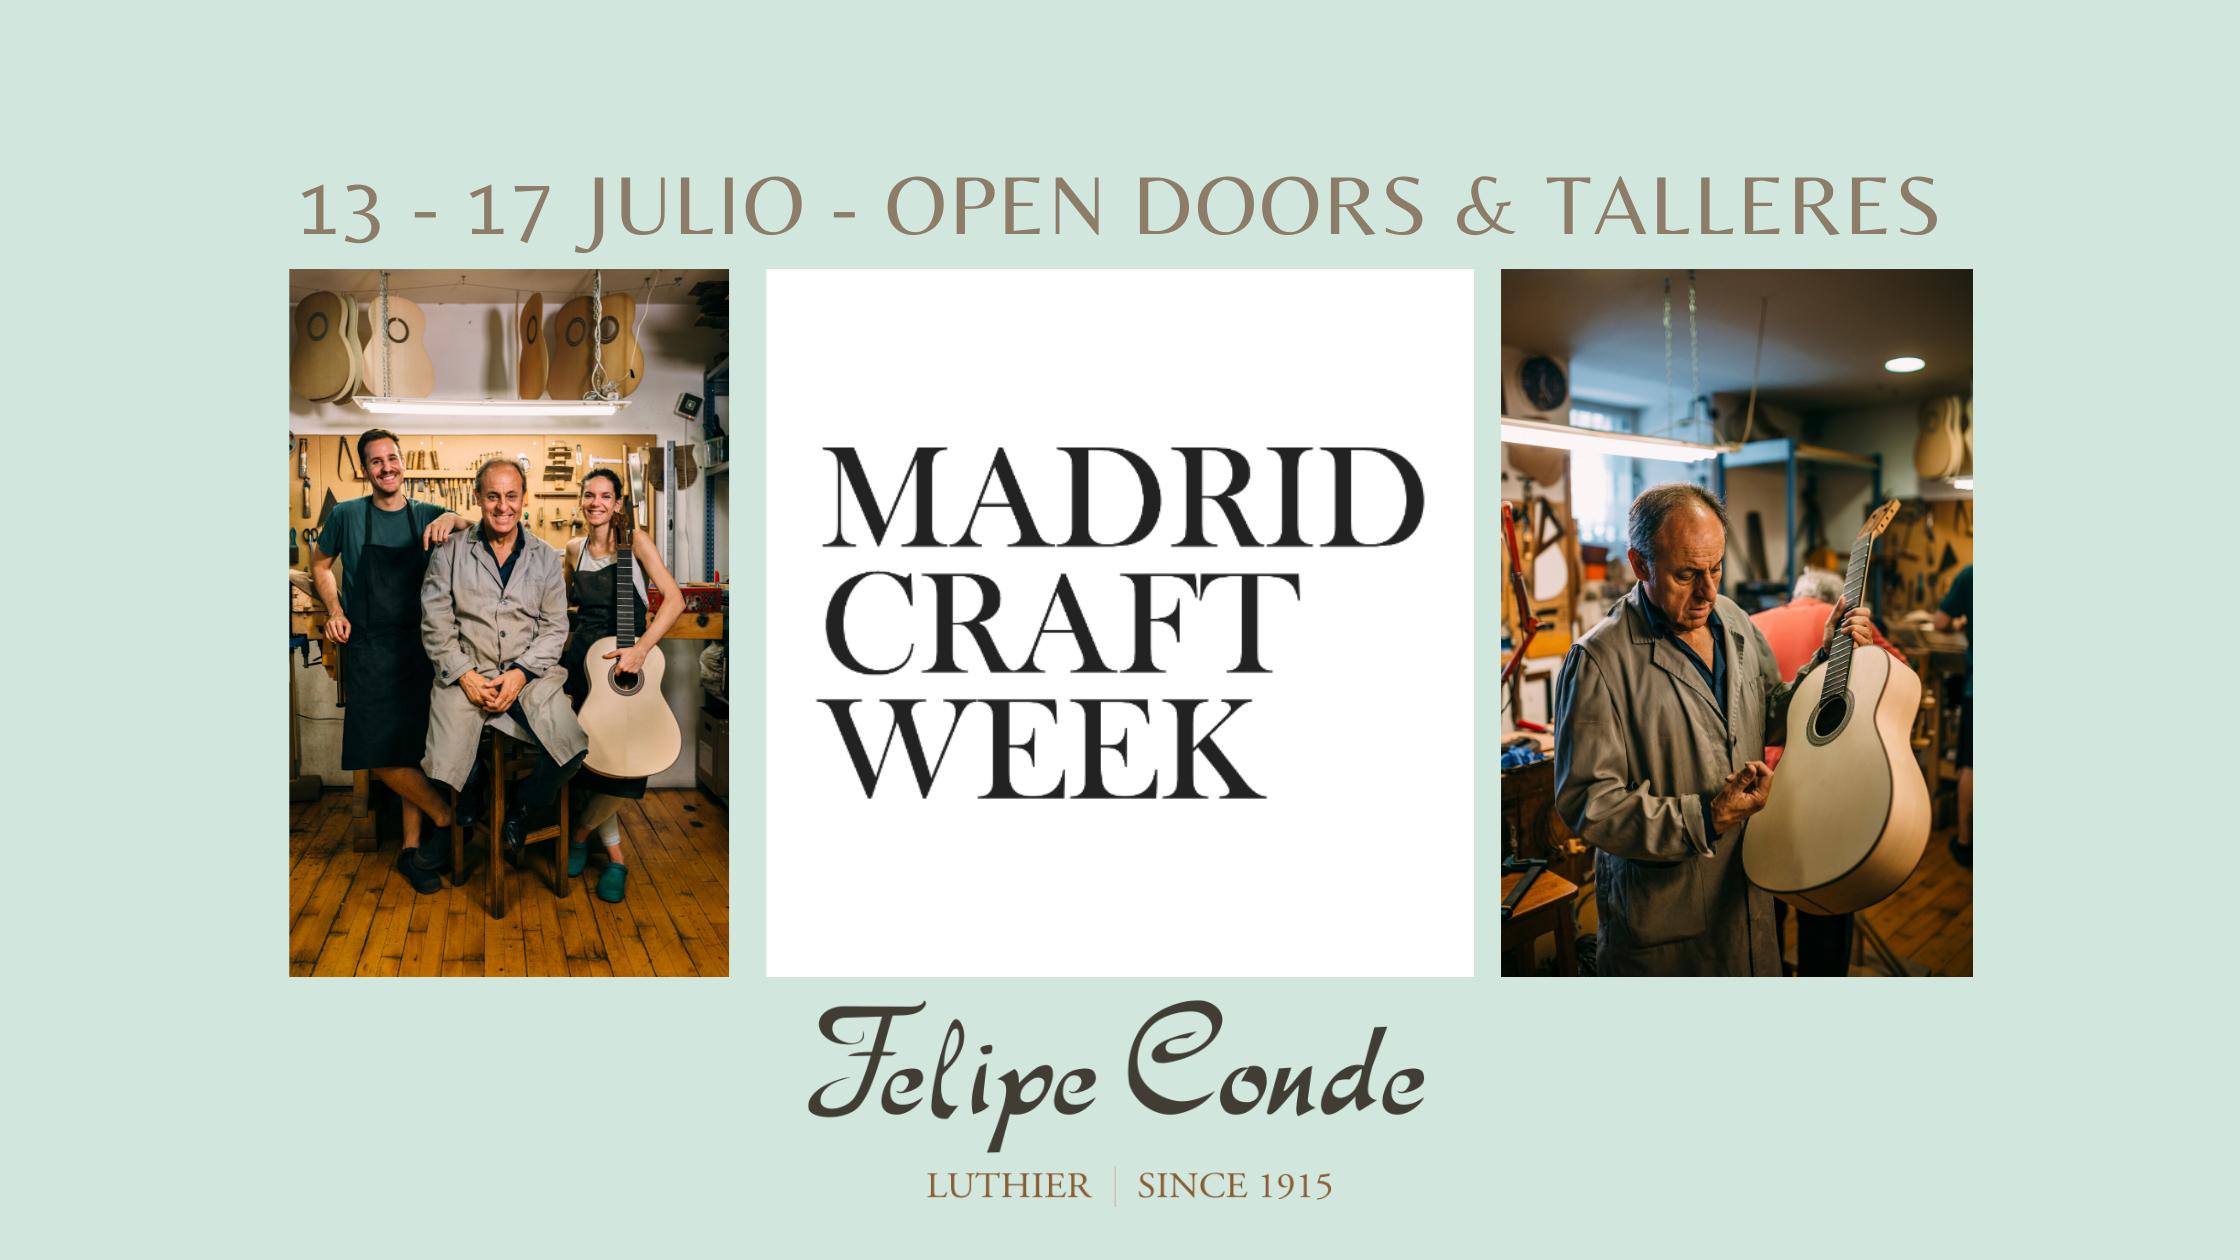 MAdrid Craft Week anuncio de actividades: talleres, charlas y open doors con Felipe Conde en su taller de Madrid.